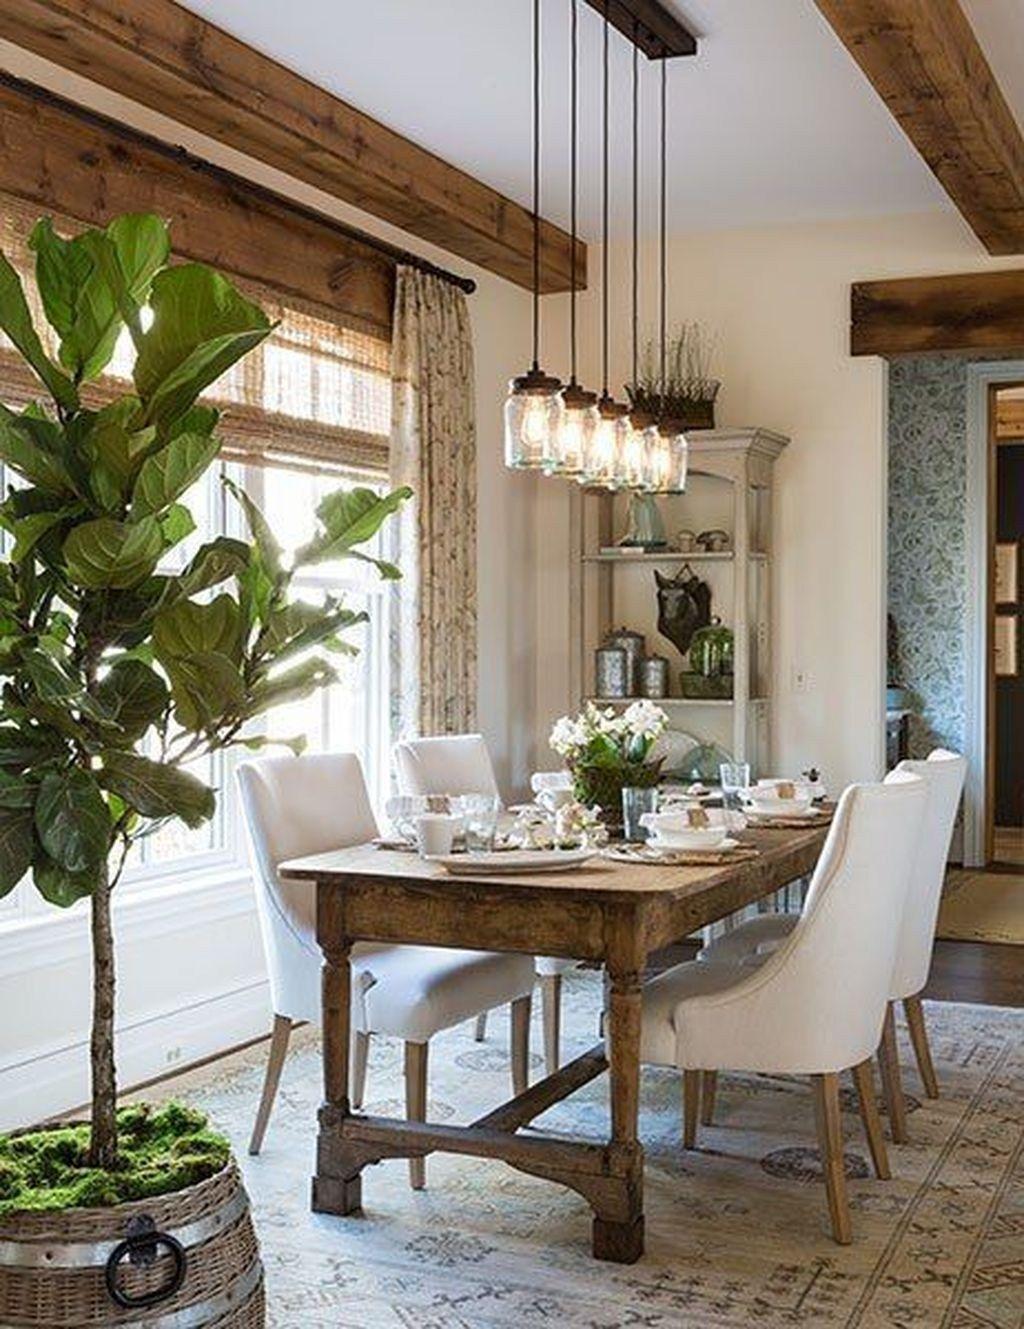 30+ Modern Farmhouse Dining Room Decor Ideas  Hmdcr.com  Cuisine  Farmhouse dining room table